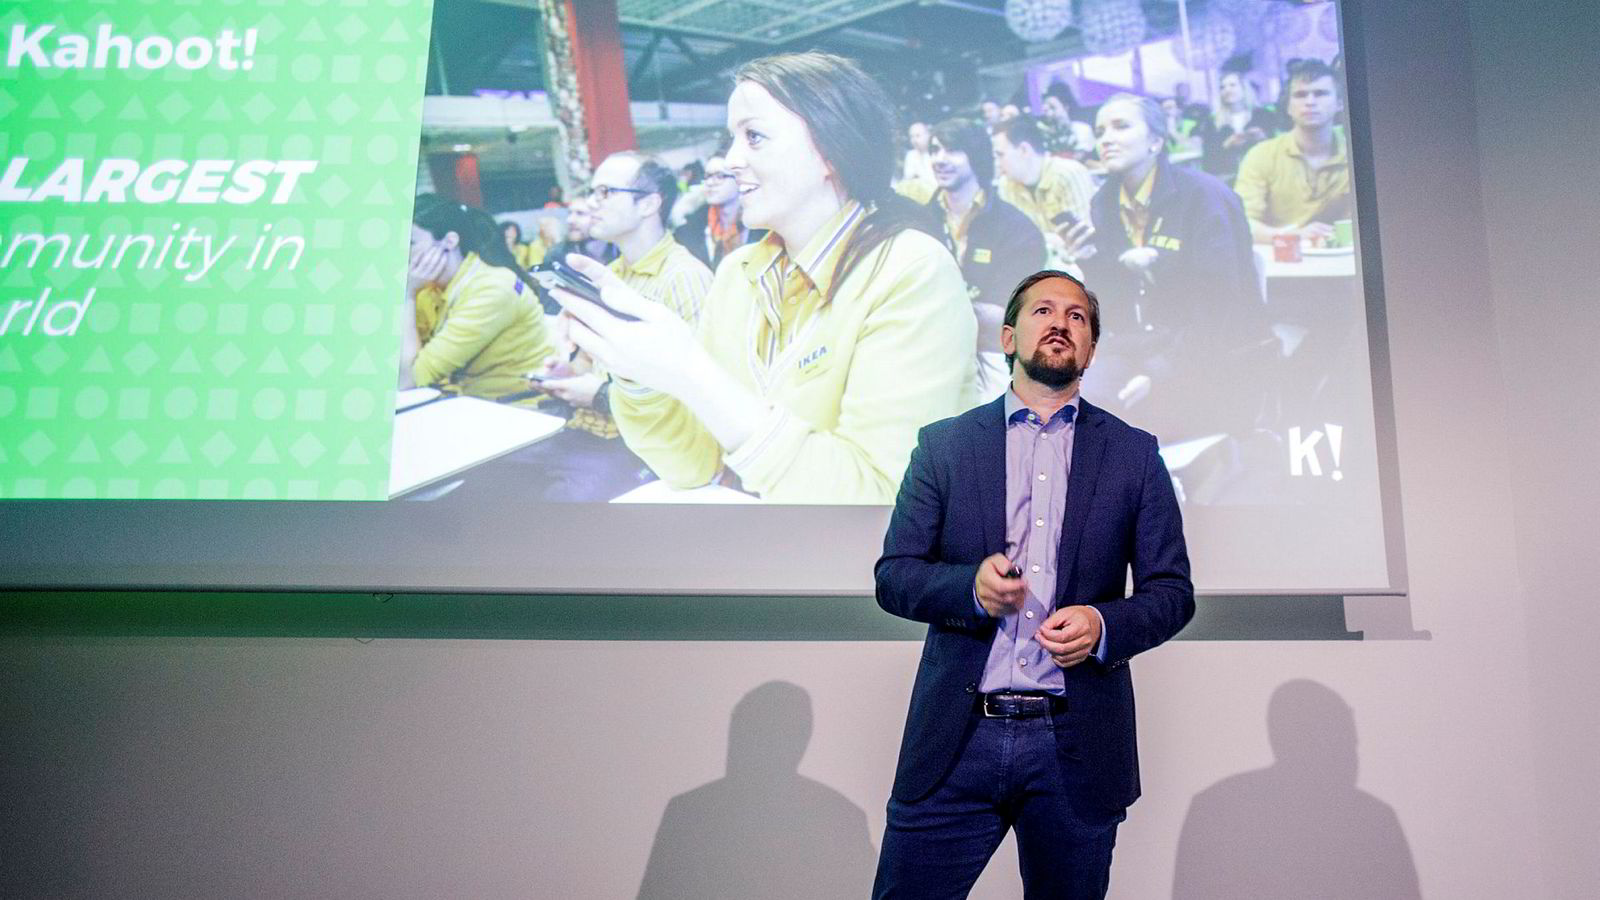 Administrerende direktør i Kahoot, Åsmund Furuseth, orienterer investorer om selskapets vekst og strategi.